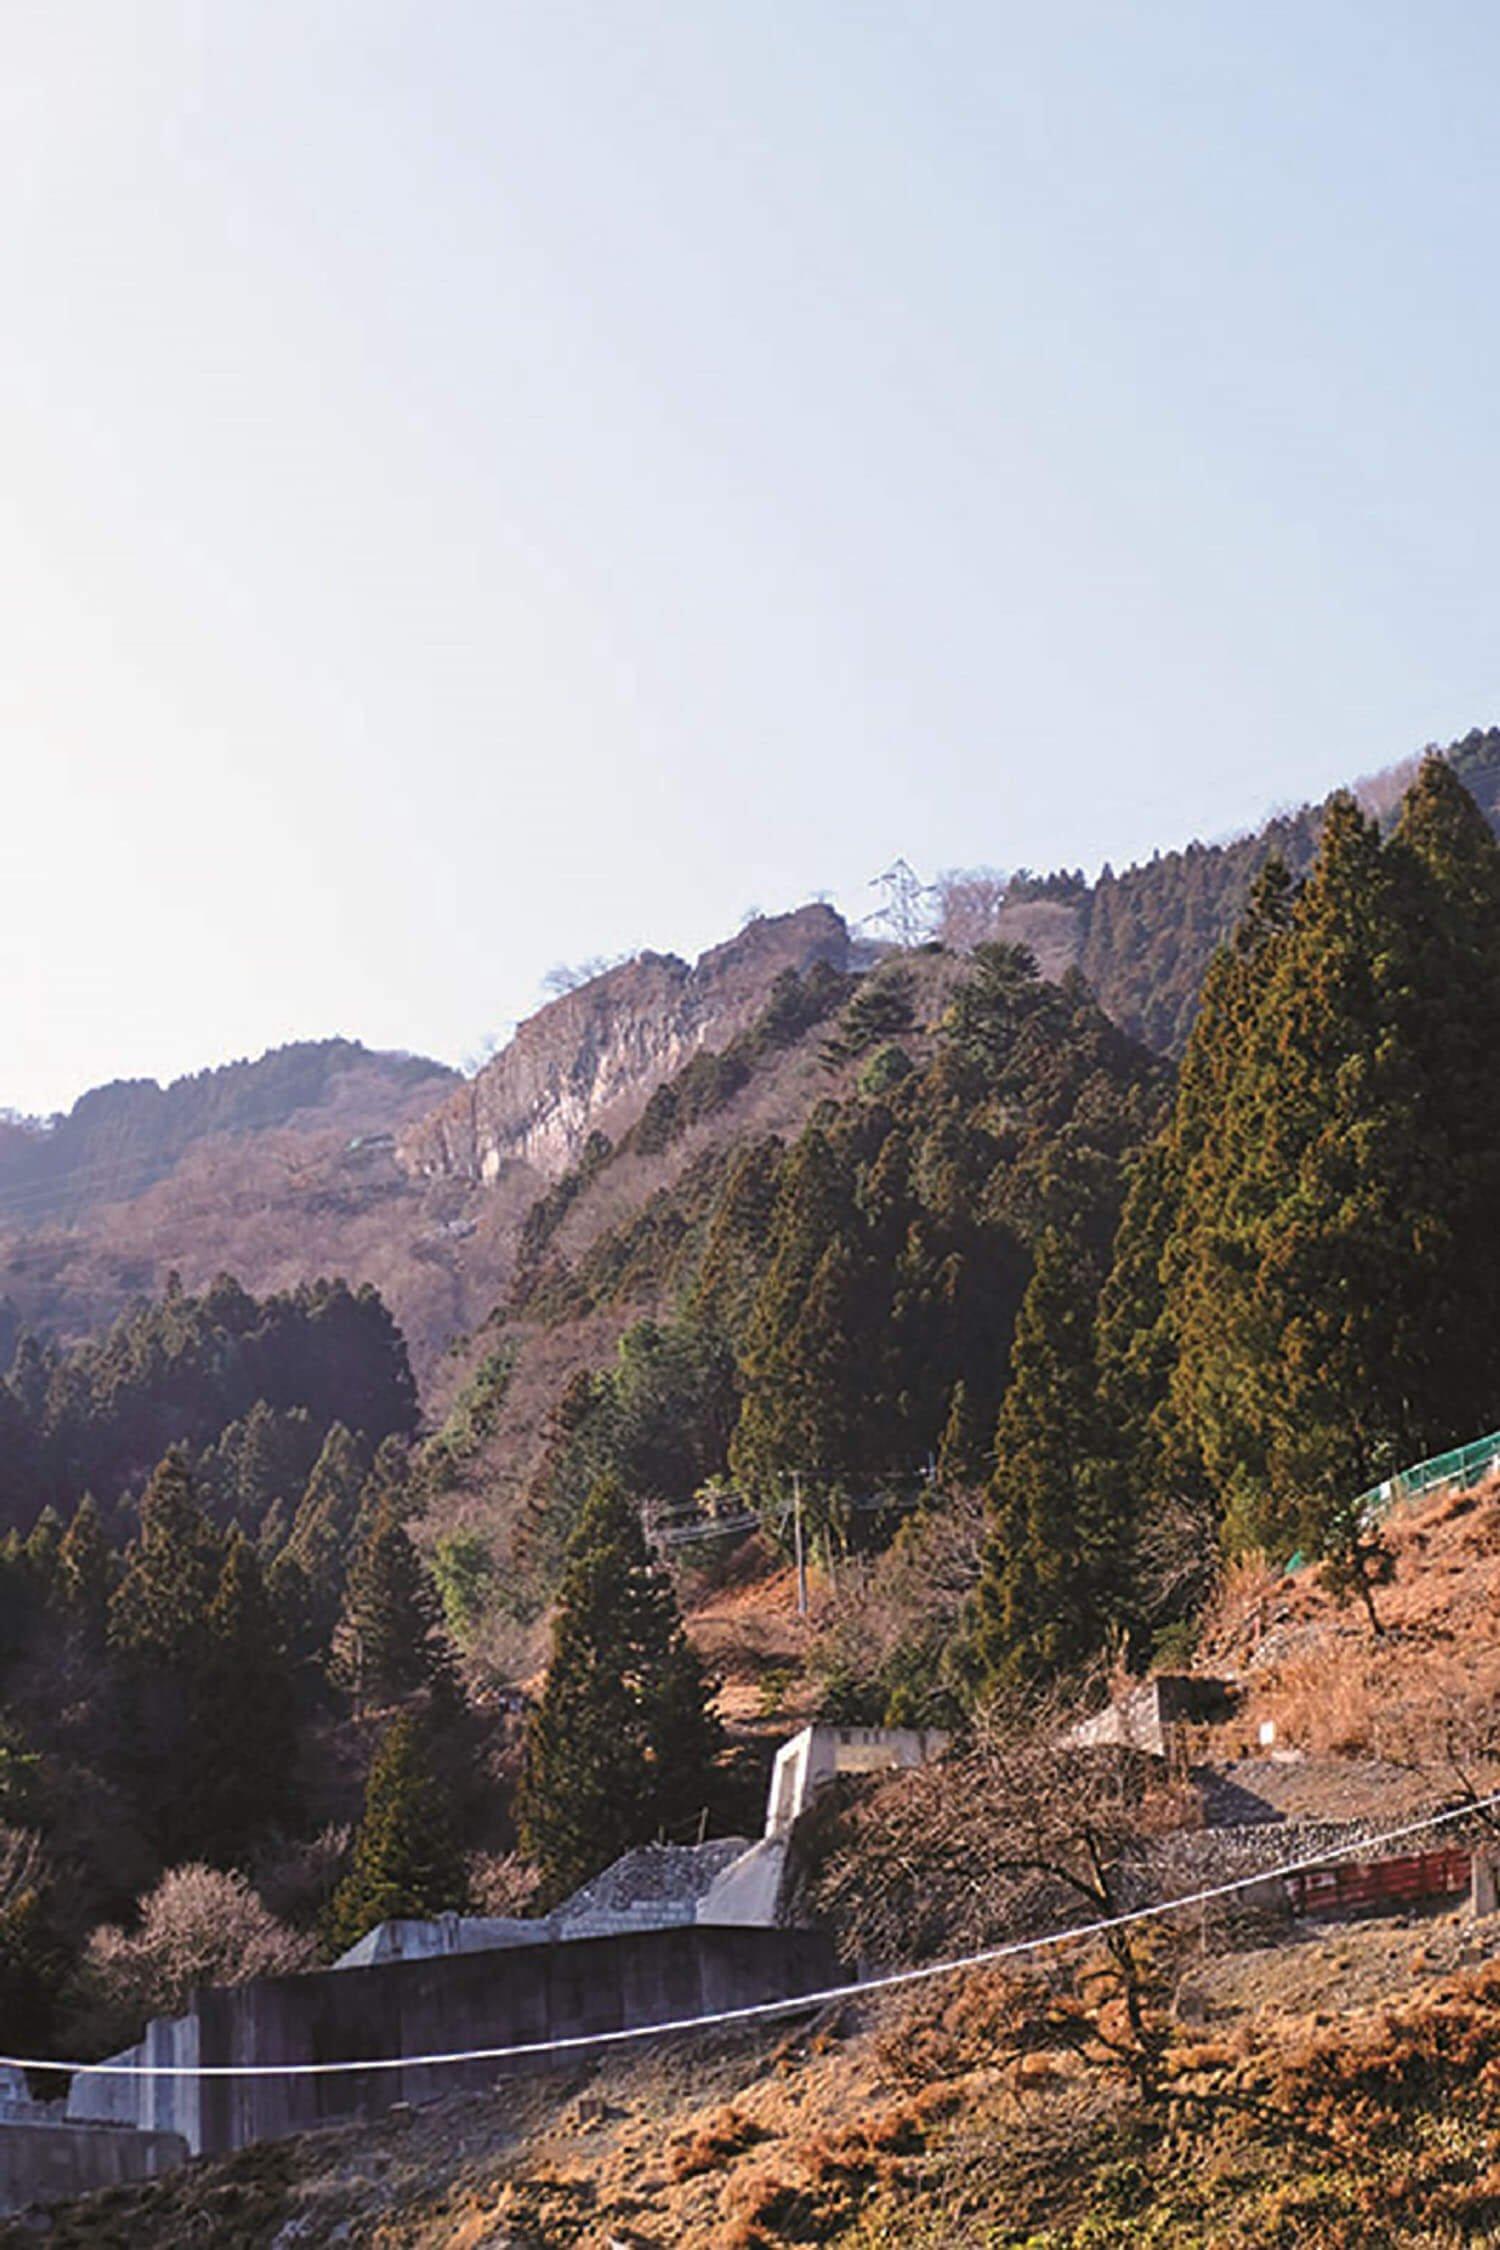 白岩から下りてくると鉱山跡があった。2015年に閉山した武蔵白岩鉱山。